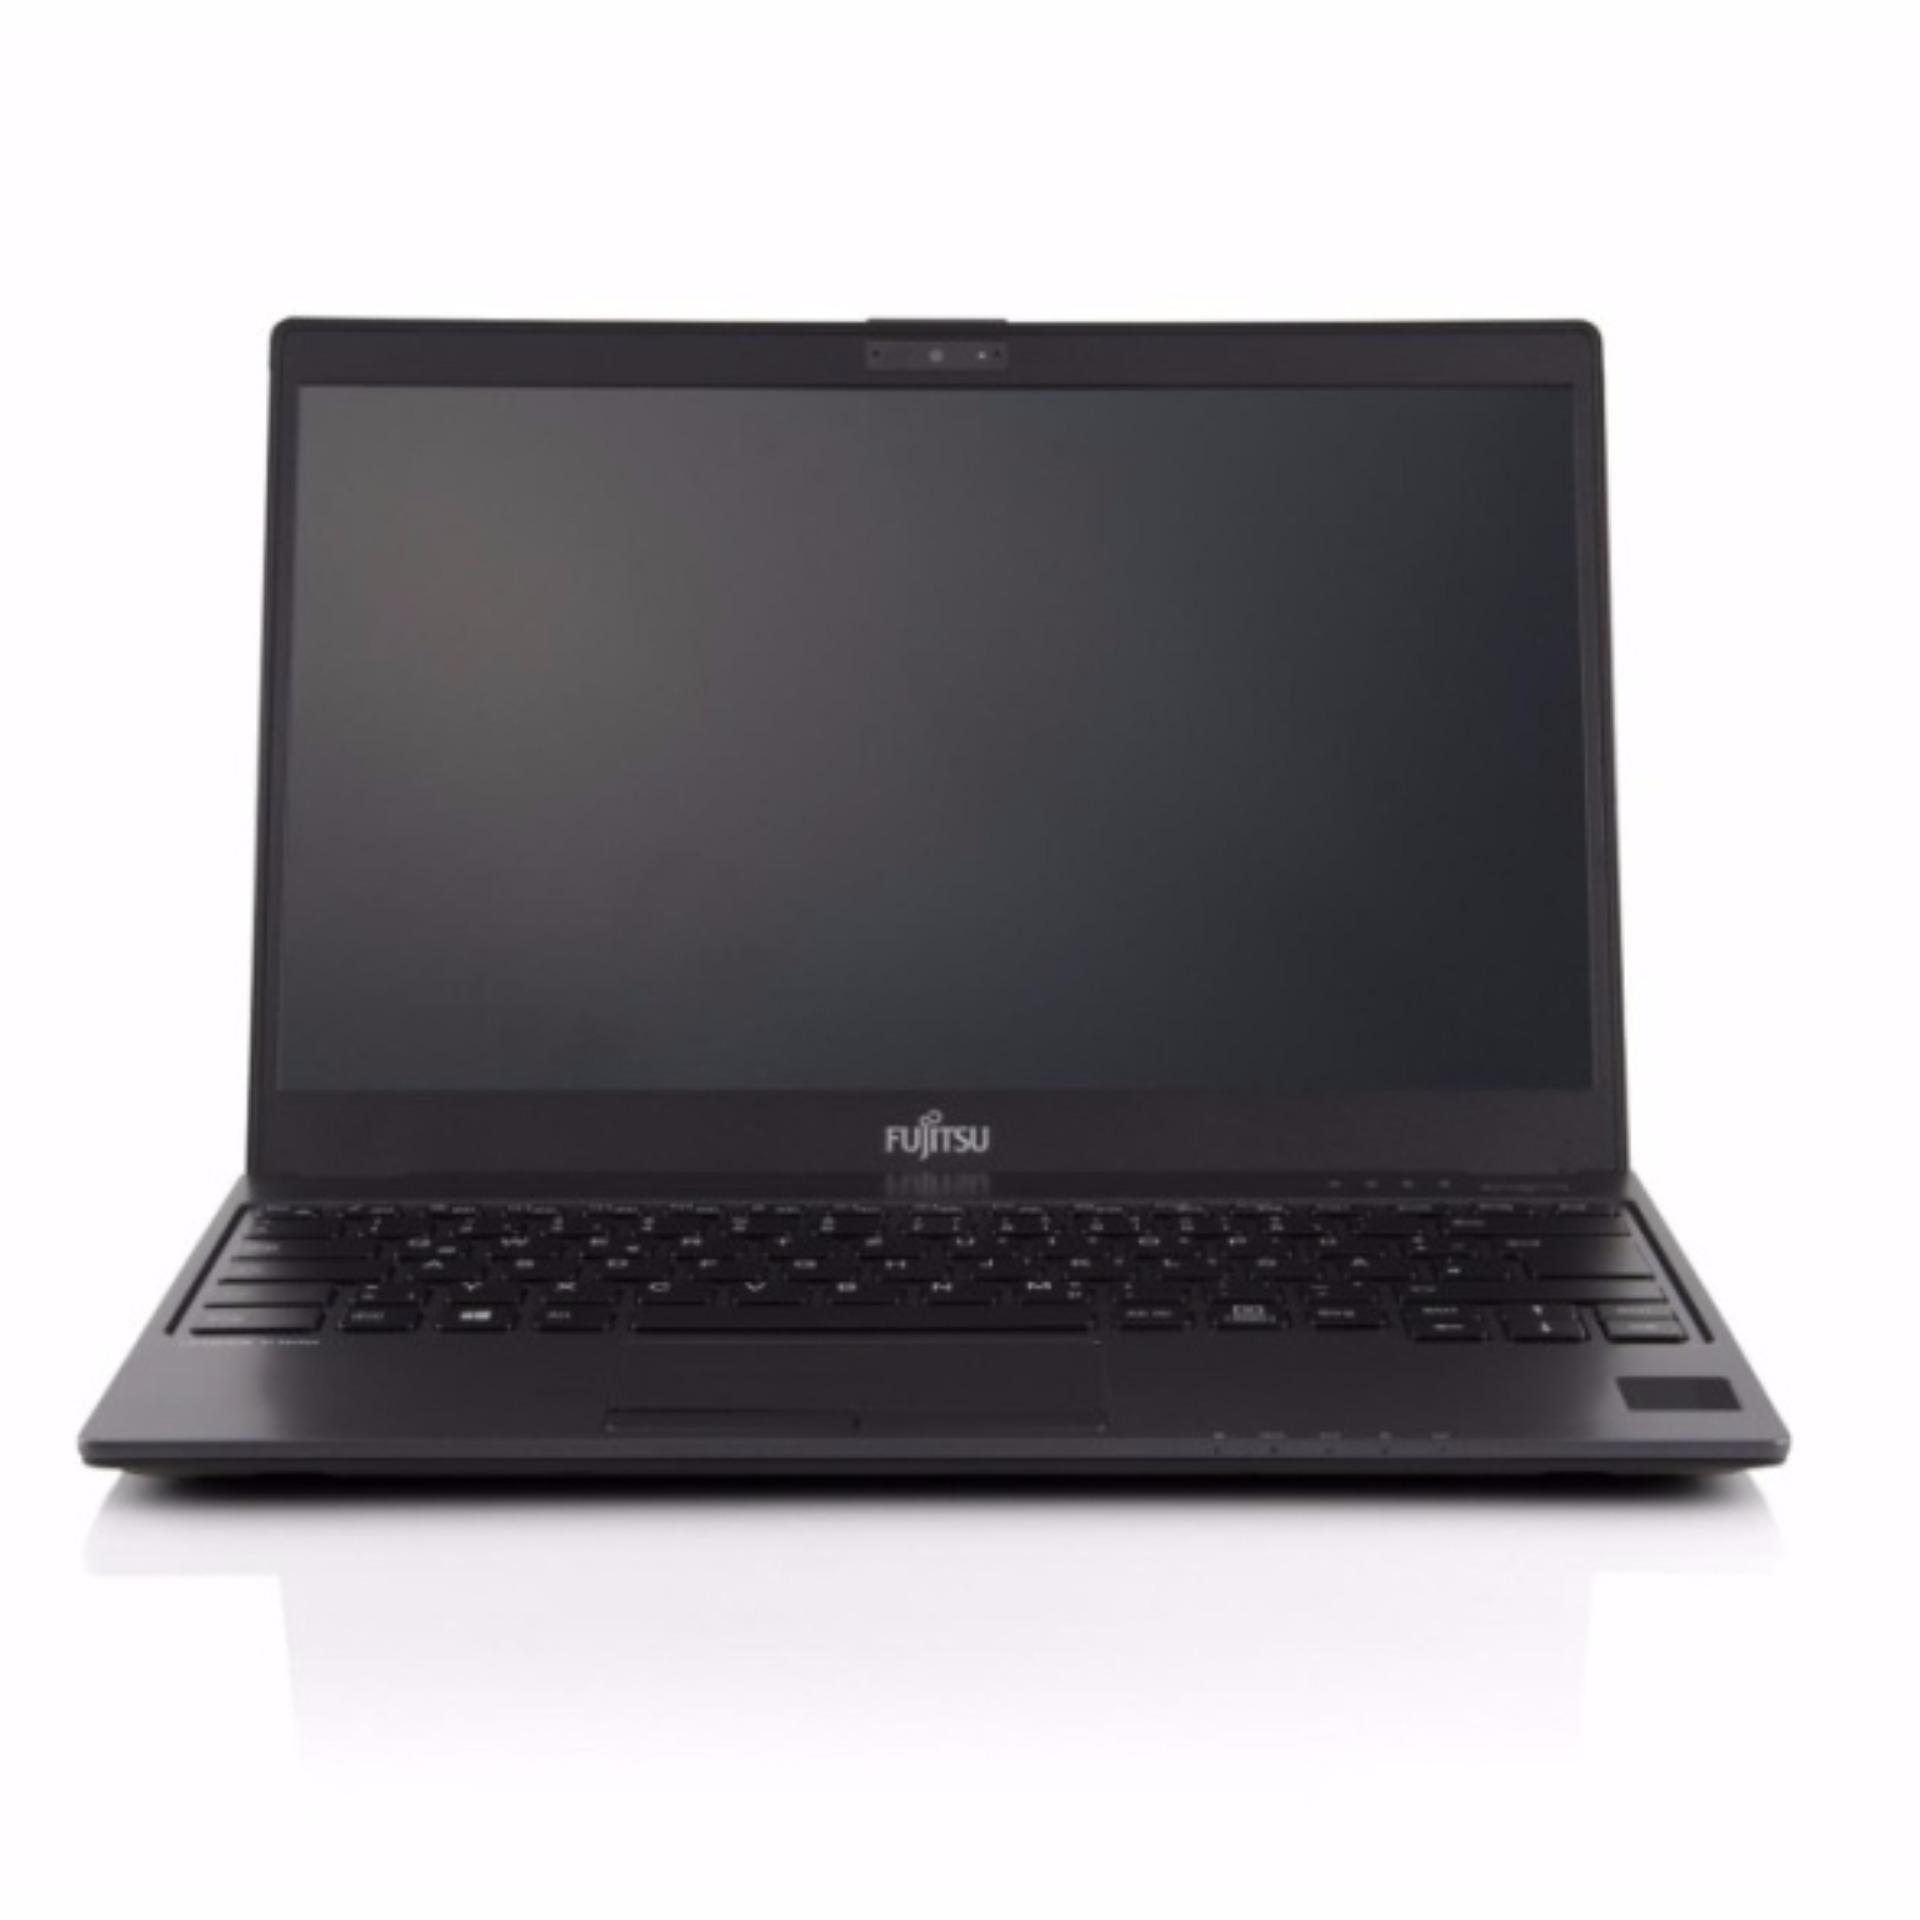 FUJITSU U537B5W10P NEW INTLE CORE I5-7200U PROCESSOR (KBL-U T3) / 8GB DDR4 (1x8GB) max 16GB / m.2 SSD 128GB + 500GB HDD